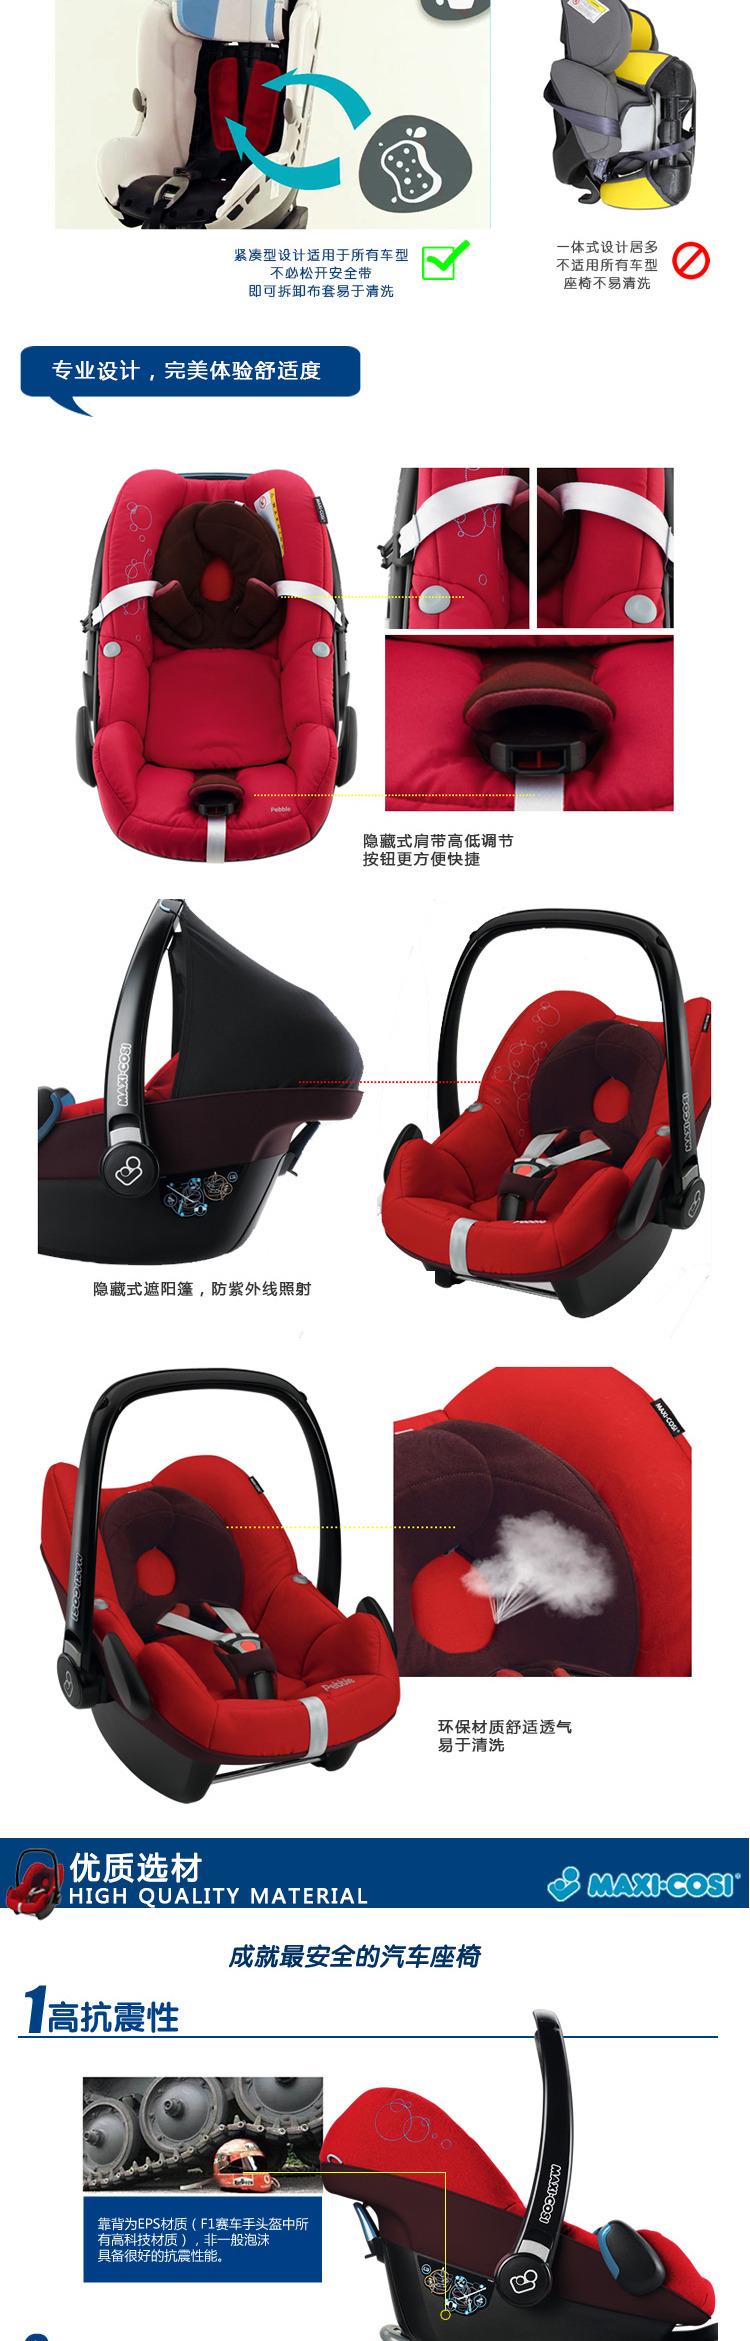 婴儿汽车座椅 (粉色)】